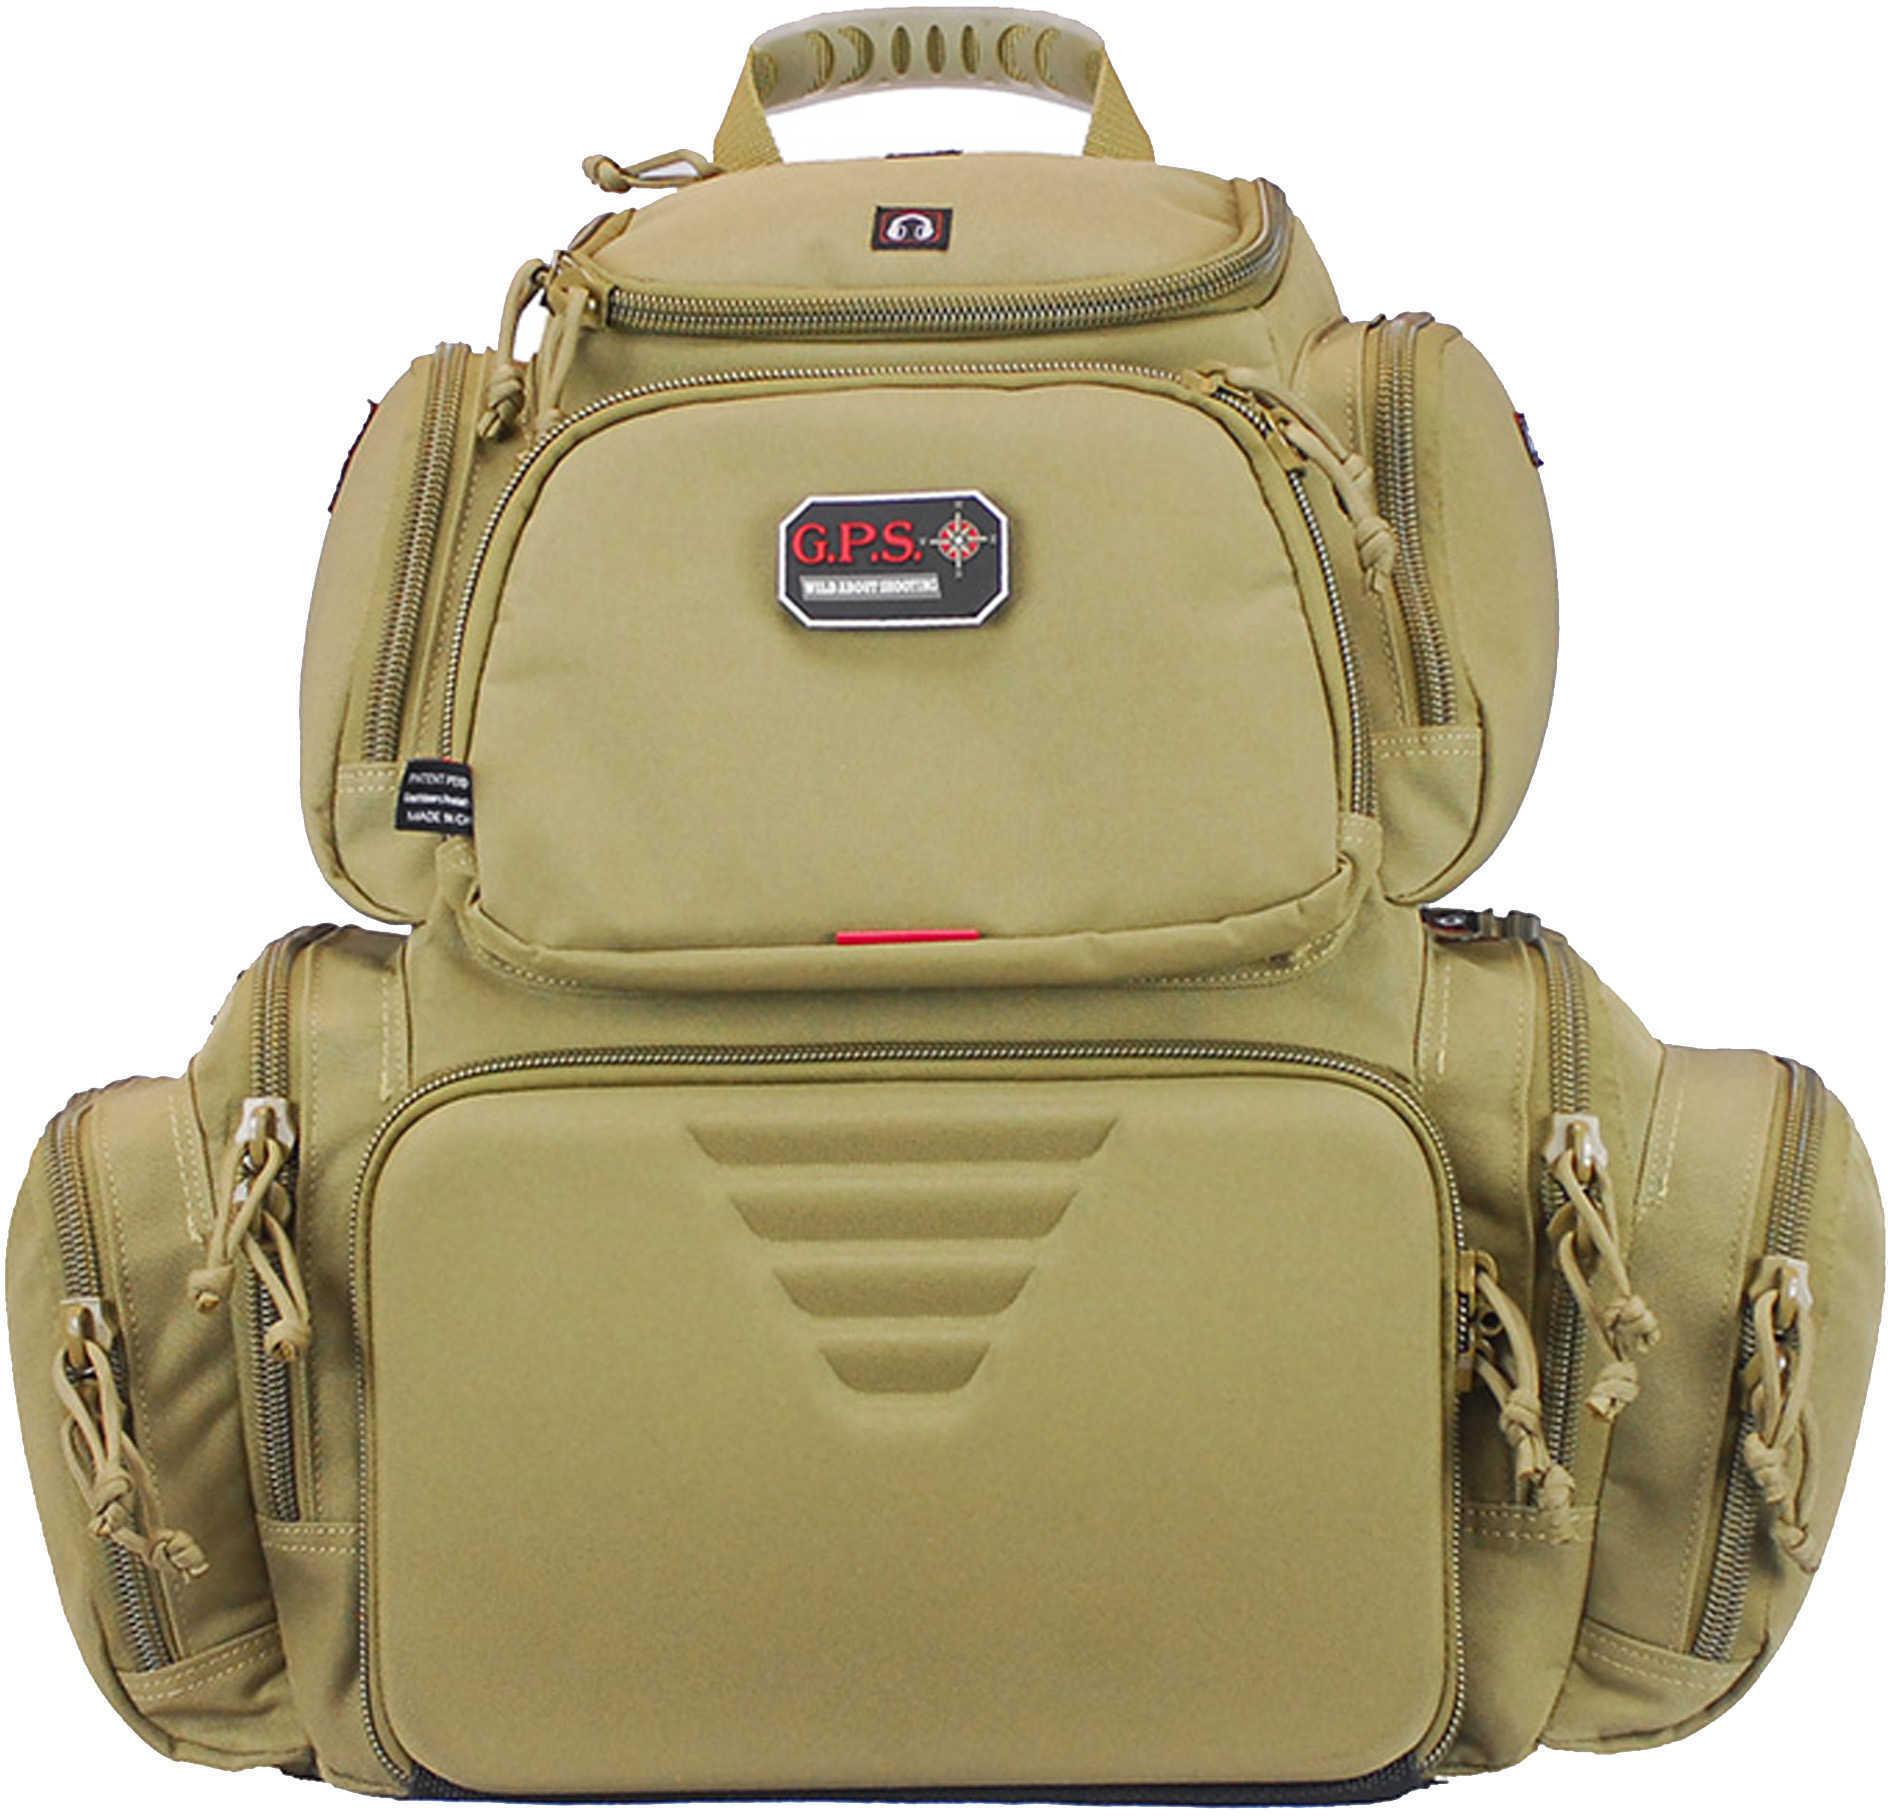 G*Outdoors 1711BPT Handgunner Tan Range Bag/Backpack